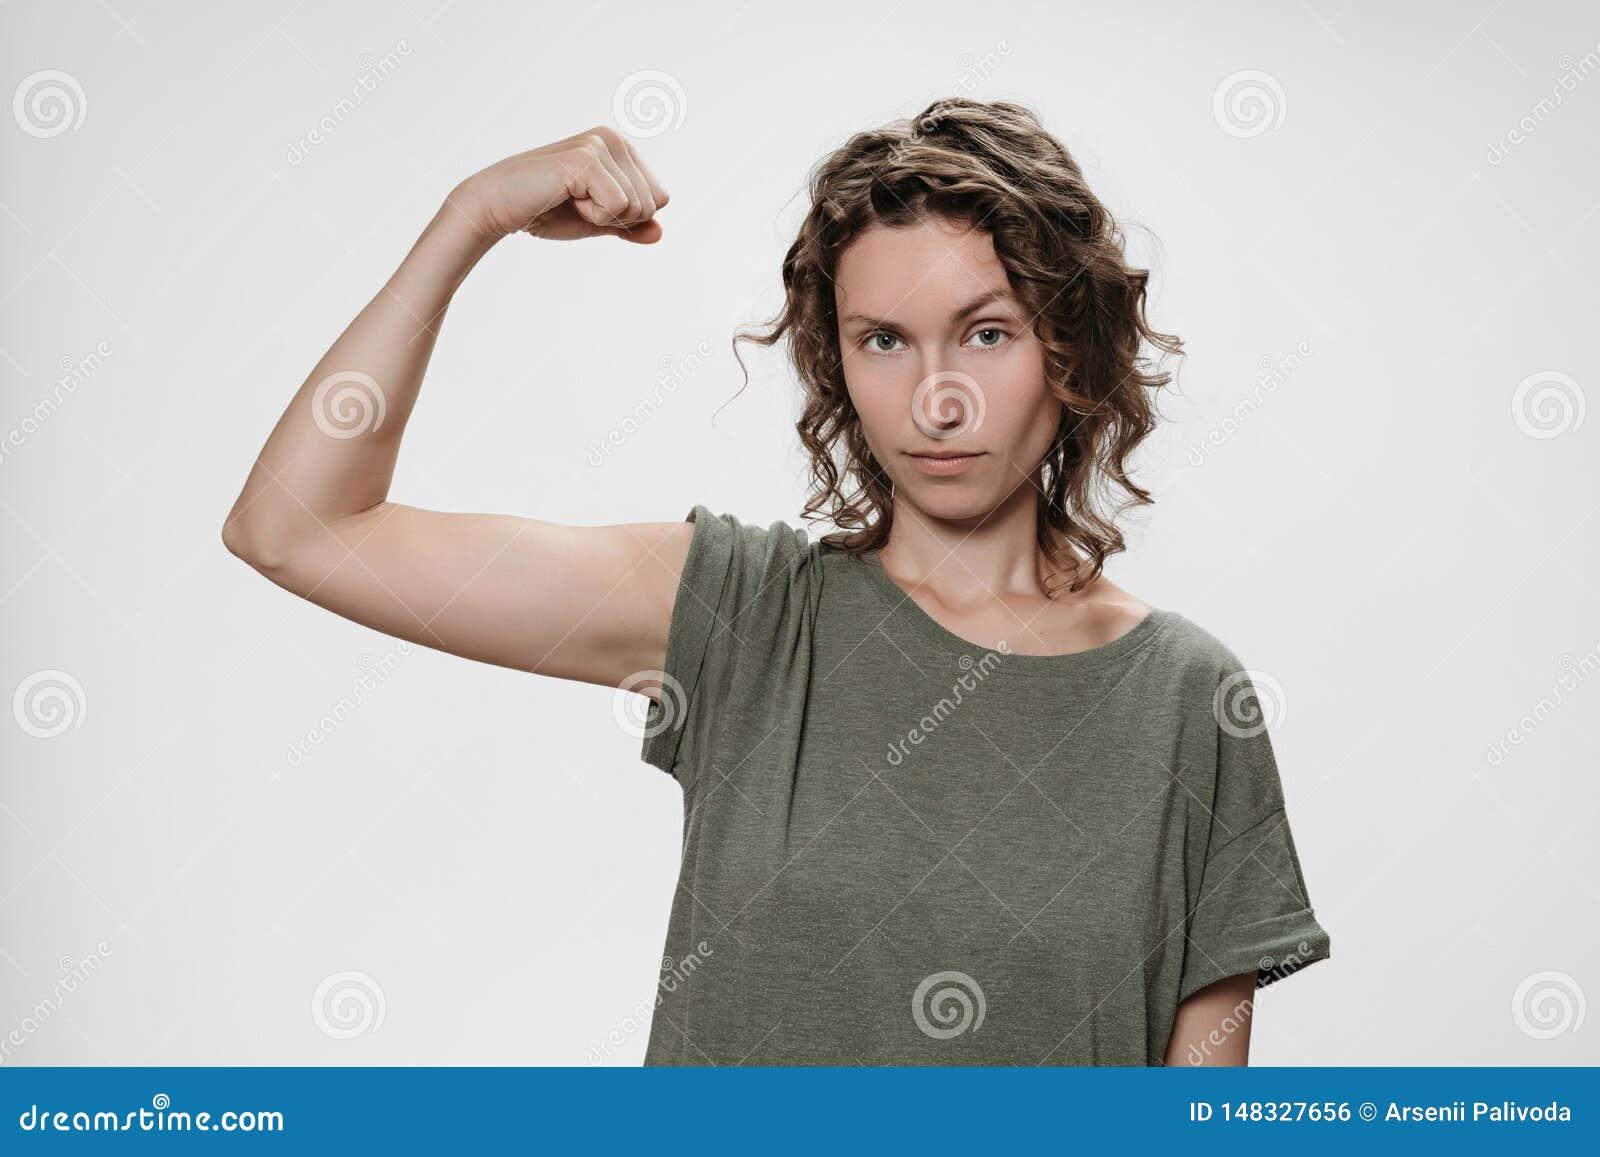 La mujer joven del pelo rizado muestra el m?sculo en su mano, siente orgullosa ser fuerte